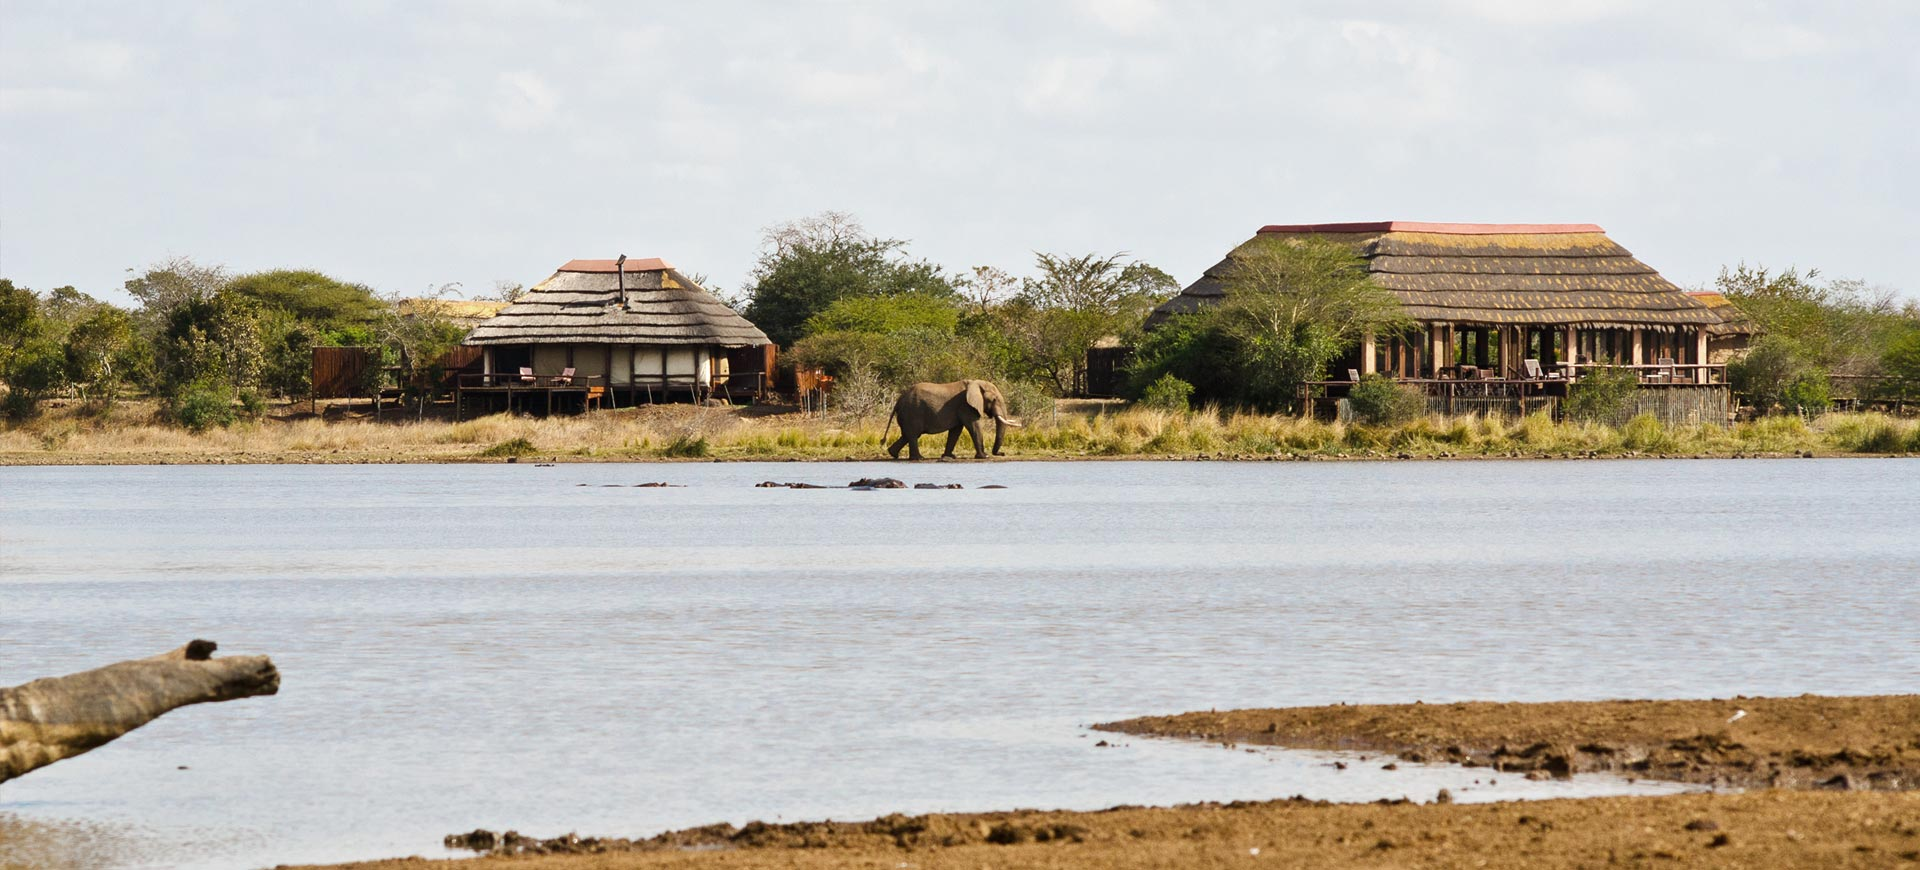 Camp Shawu Kruger National Park